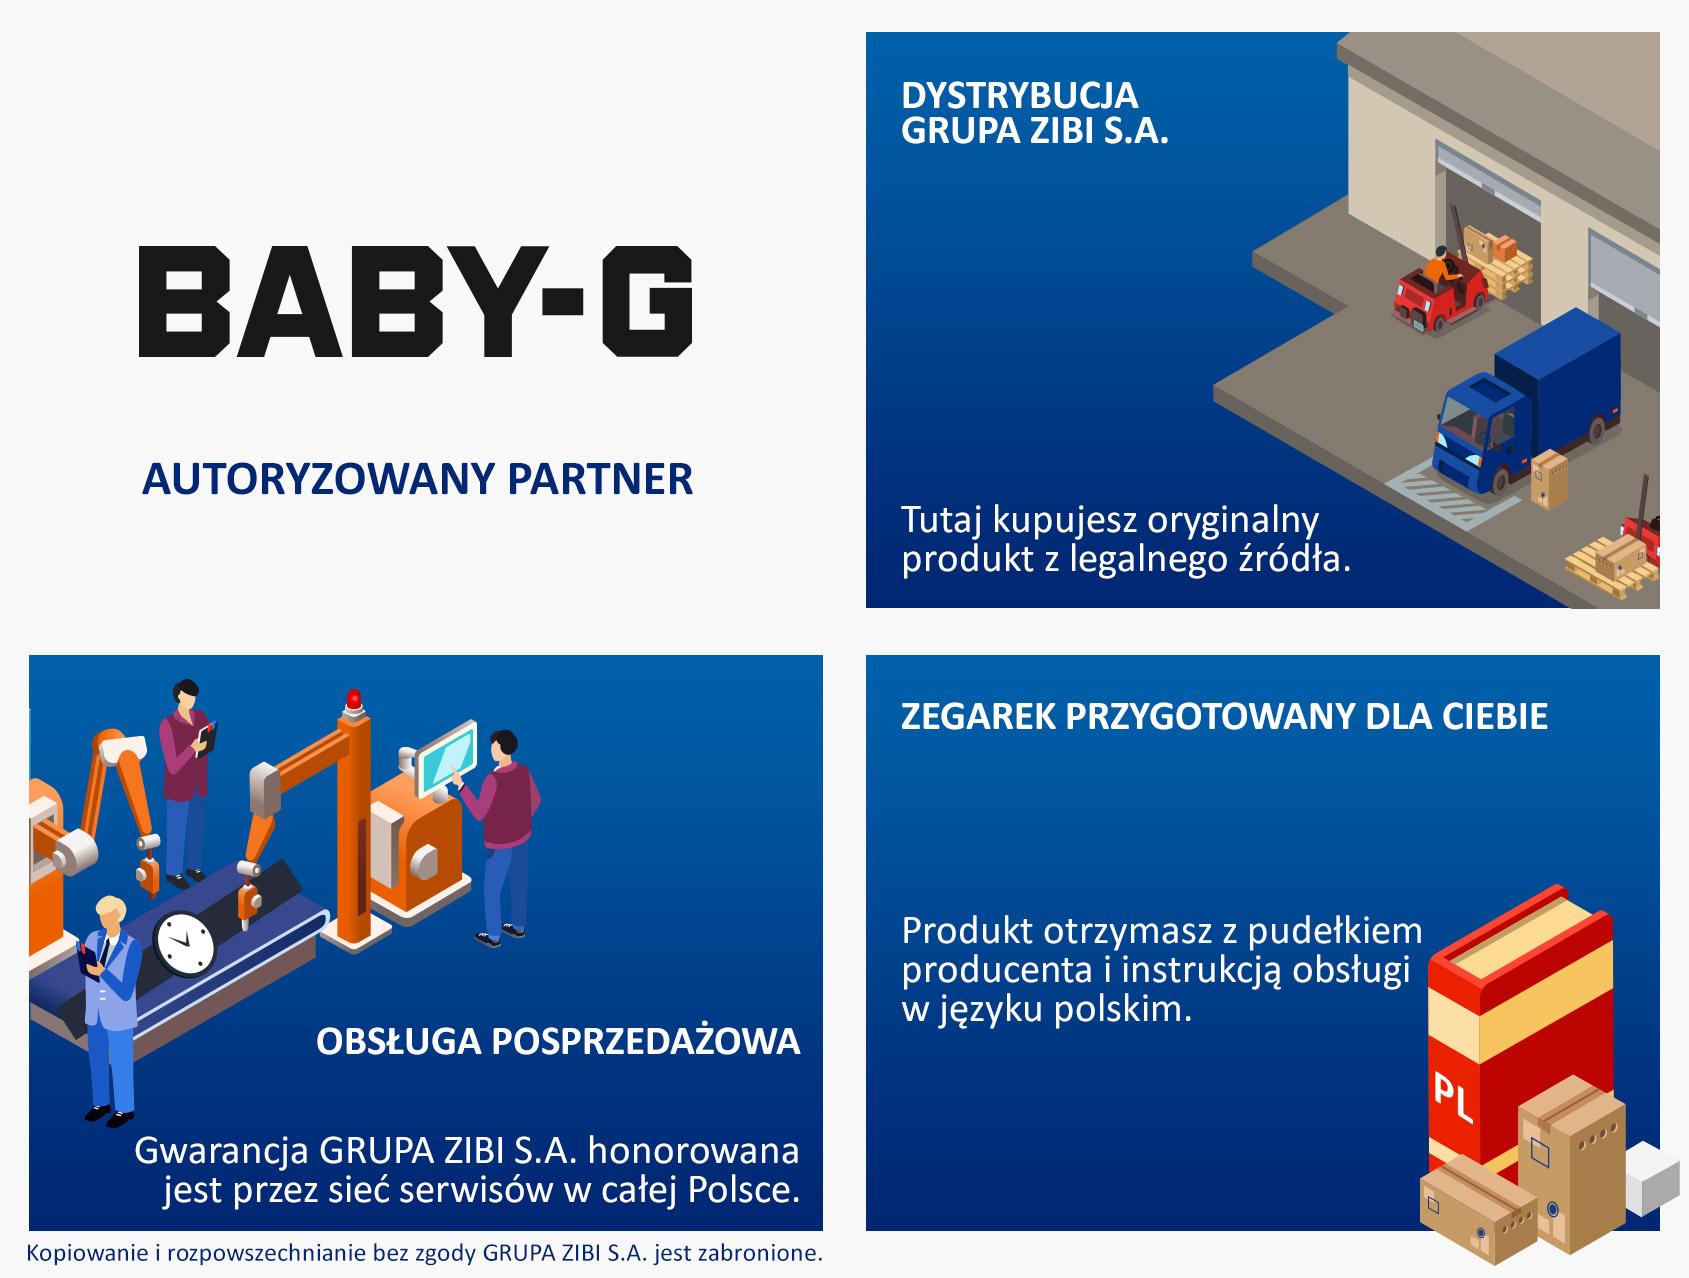 certyfikat sklep Demus jako autoryzowanego sprzedawcy BABY-G